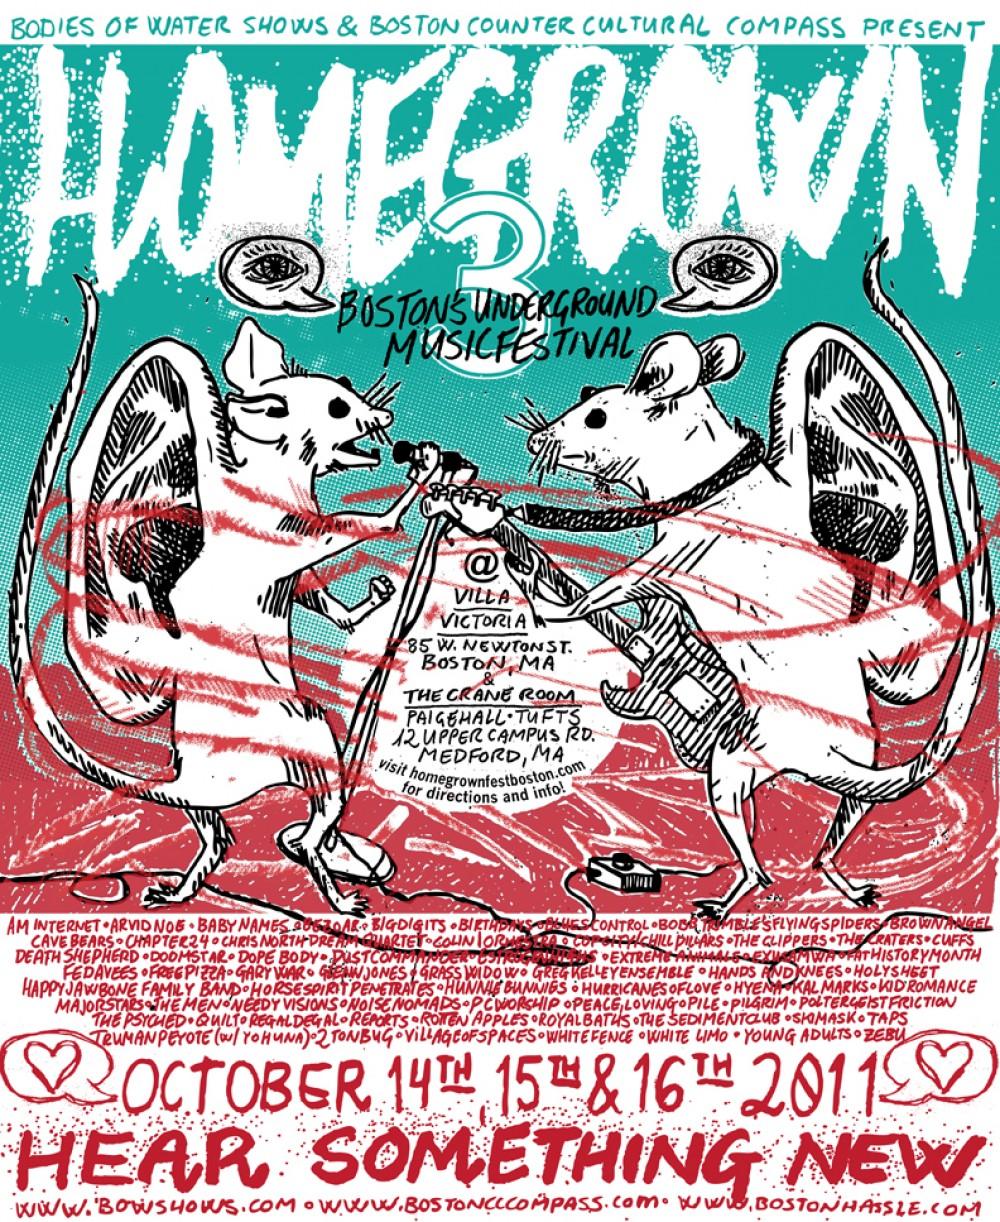 homegrownmusicfestivalboston.jpg